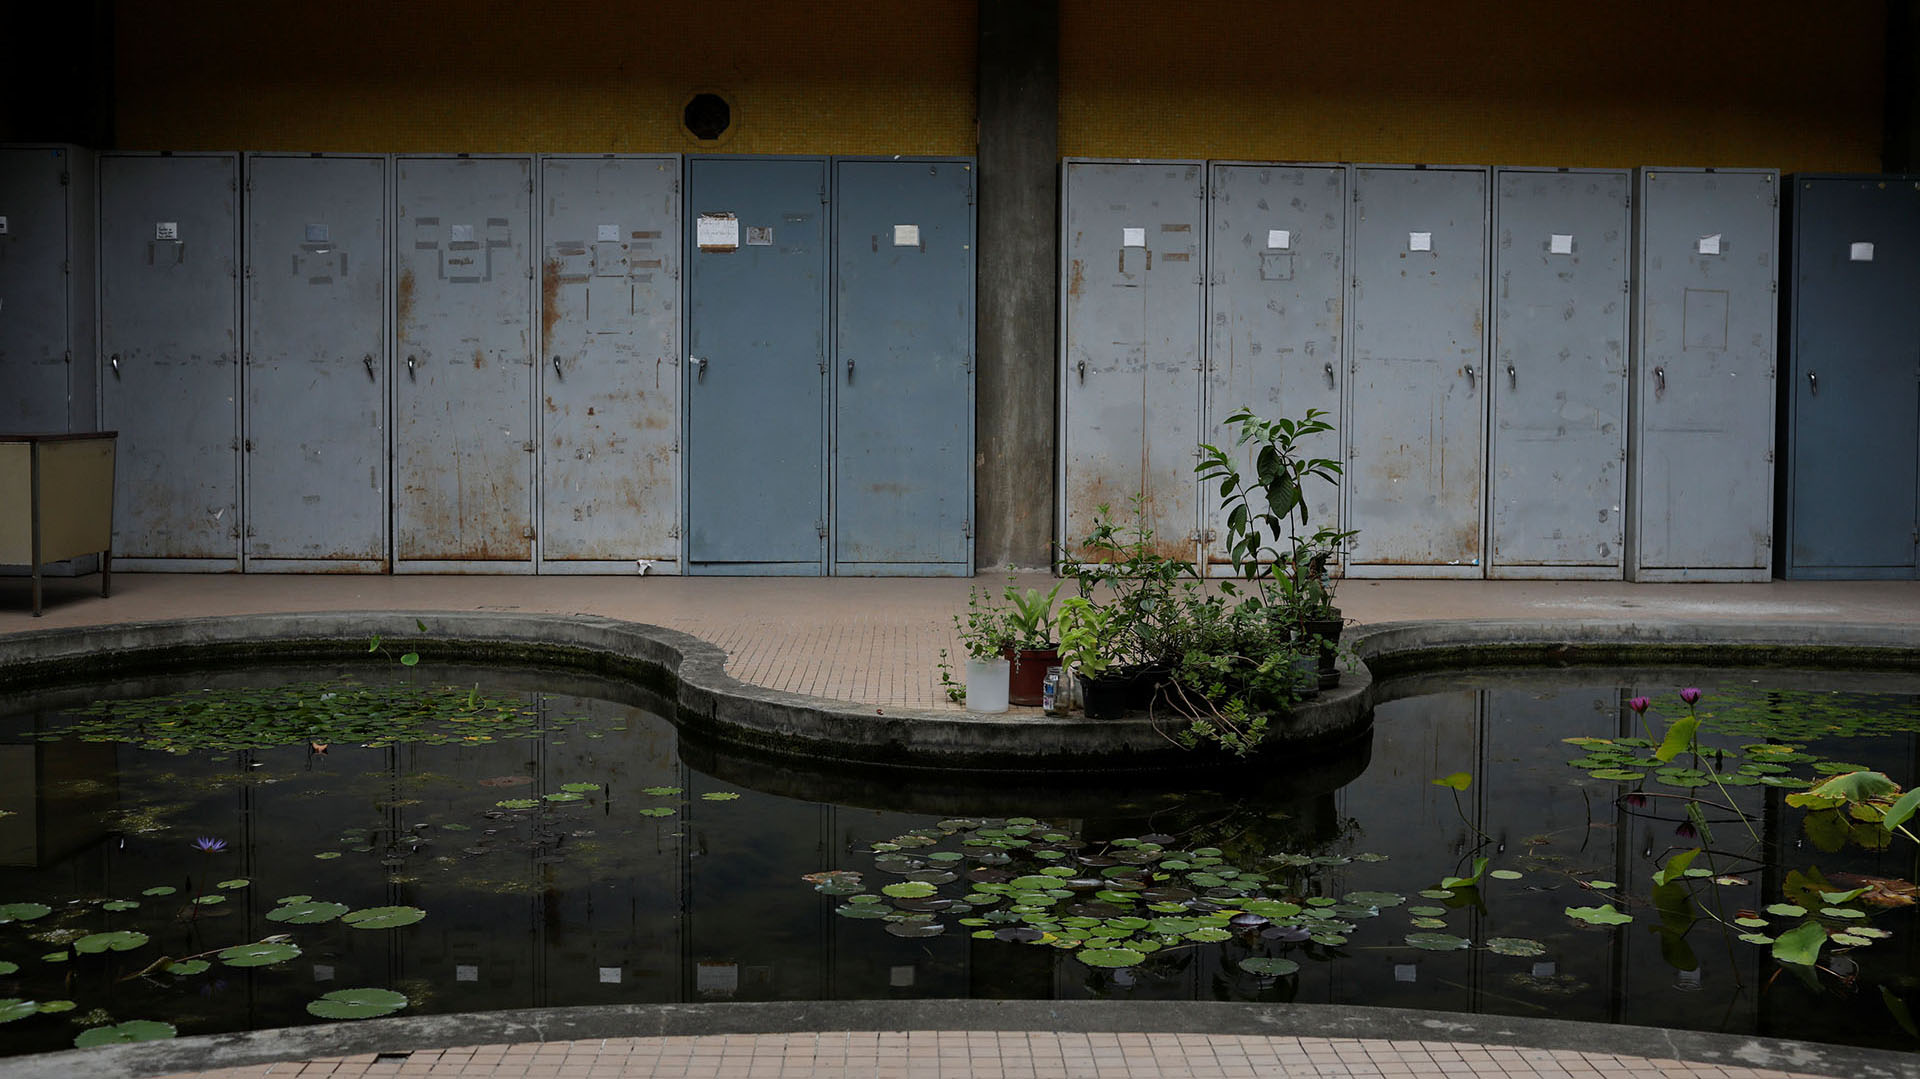 Todas las plantas del parque, que ocupa 70 hectáreas y se divide en al menos cuatro viveros distintos, han sufrido por la sequía, incluso las que están a la intemperie, por lo que la colección ha disminuido visiblemente